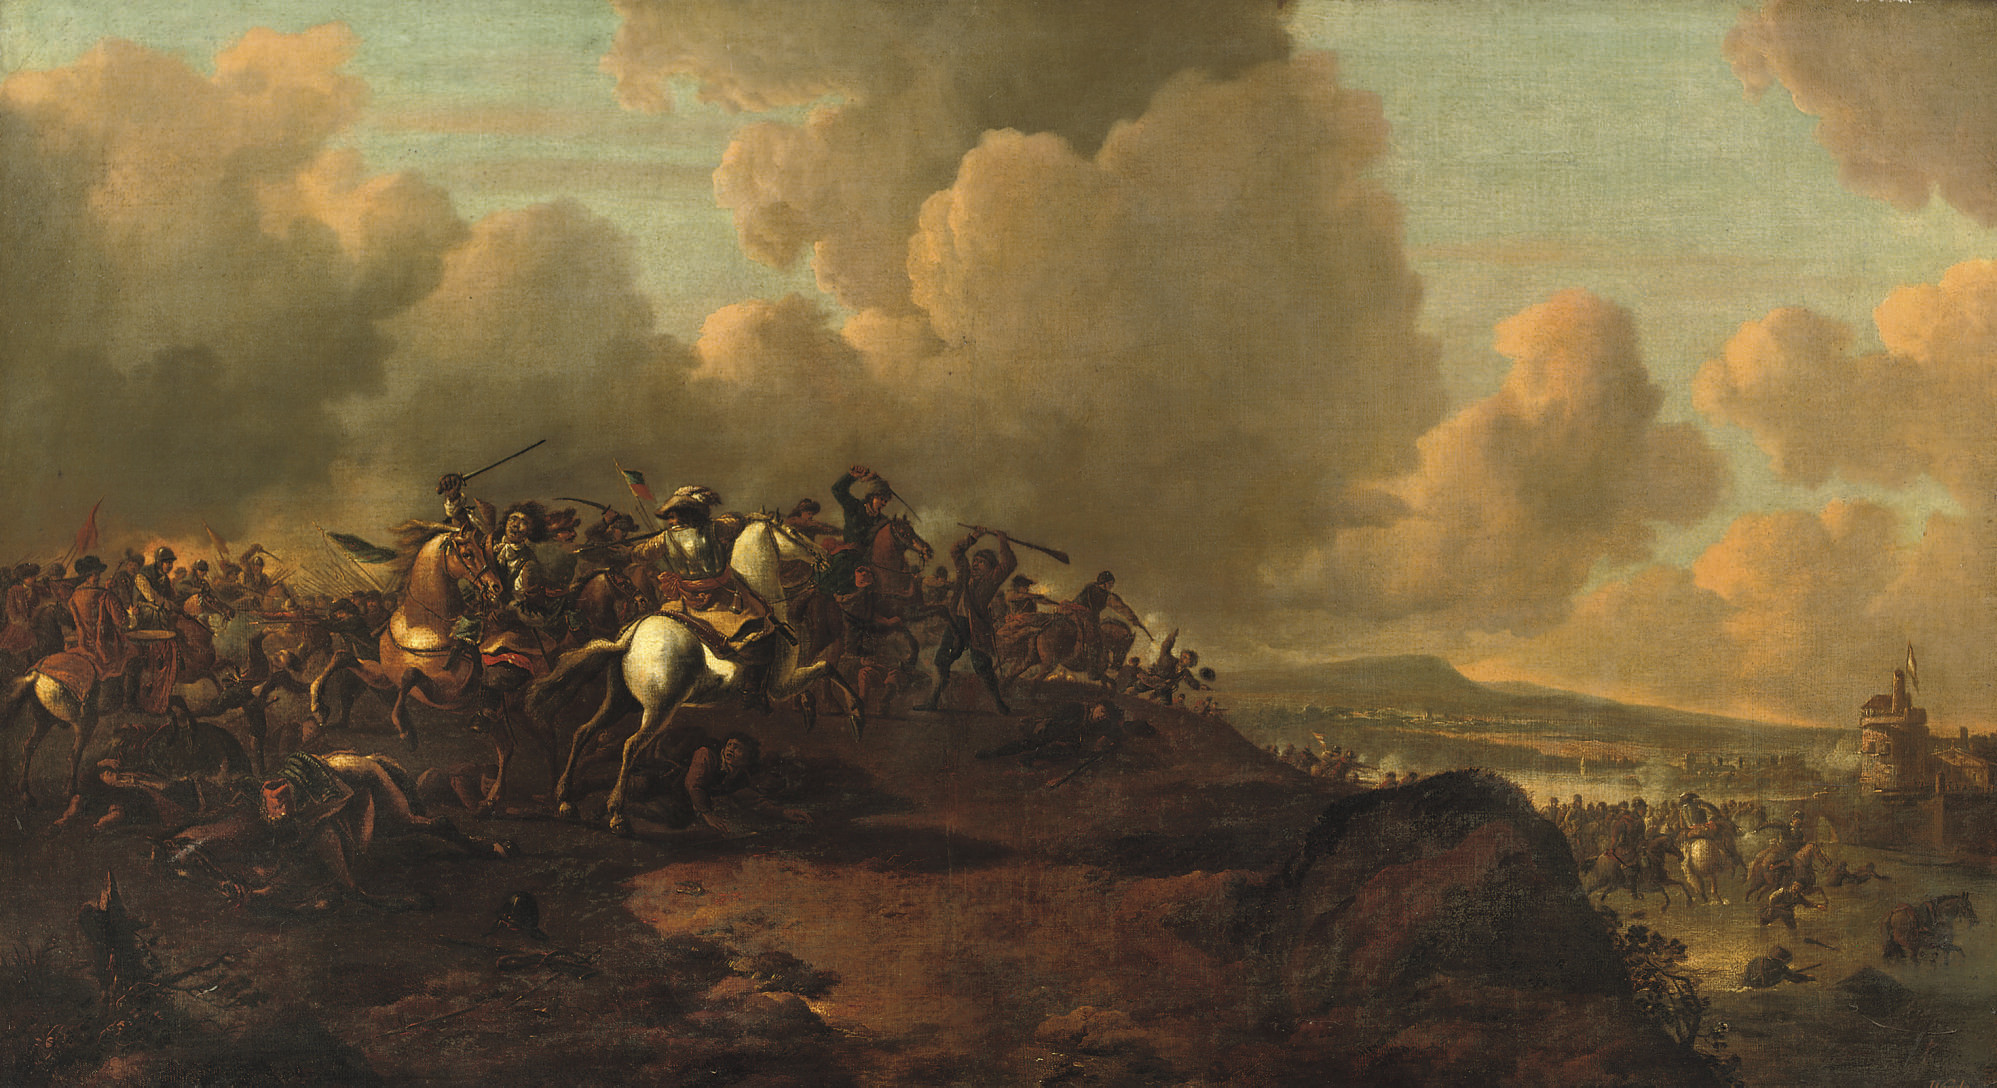 Circle of Jan Wijck (Haarlem 1